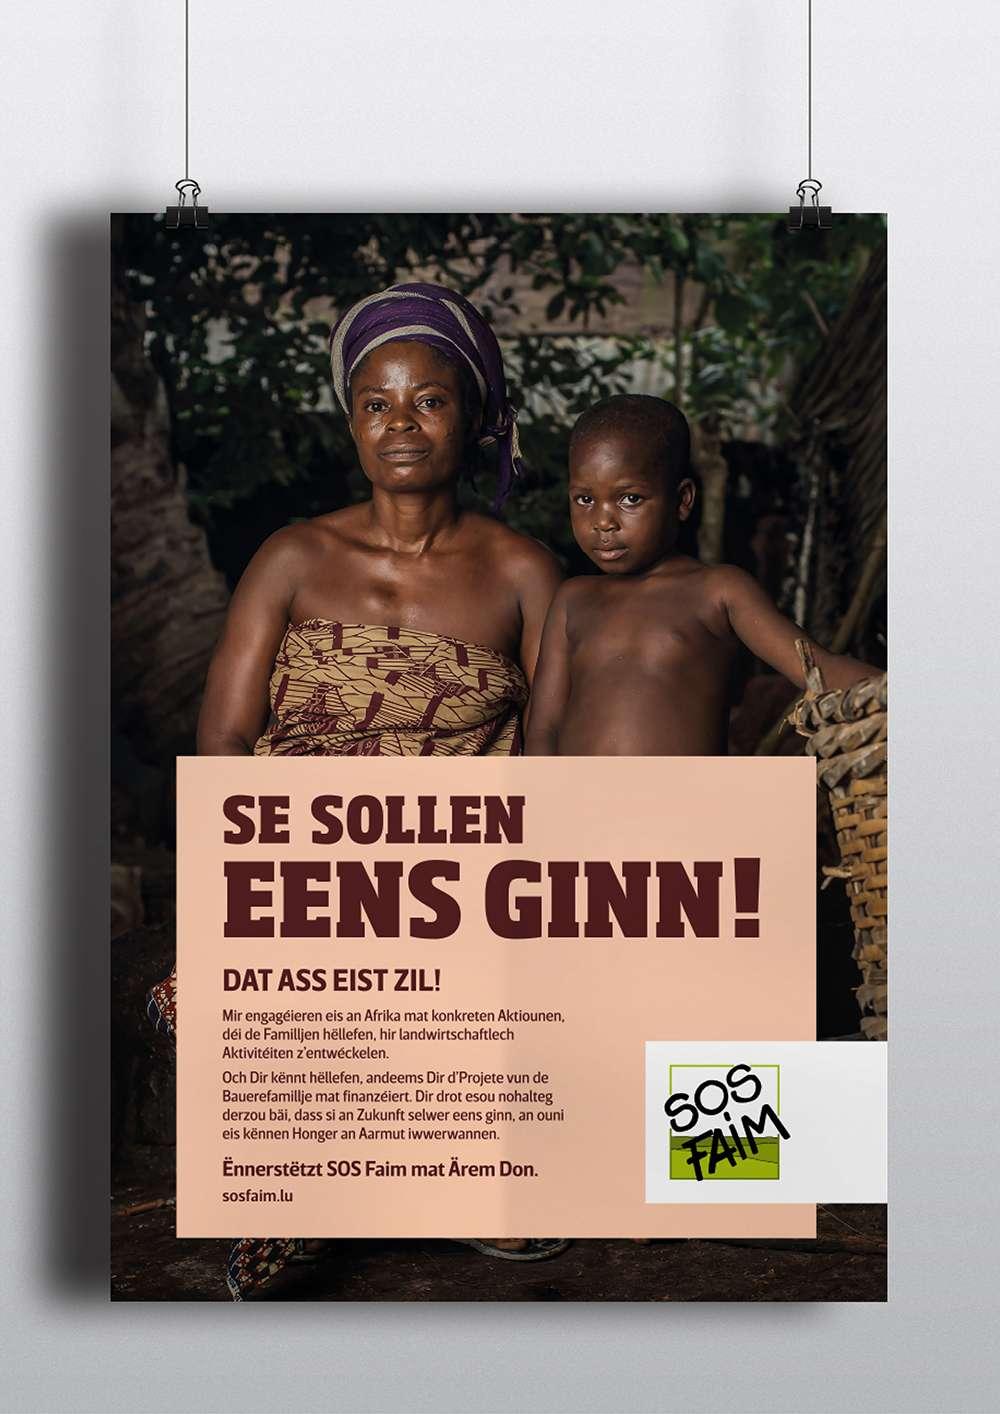 Explication de la publicité SOS Faim Luxembourg